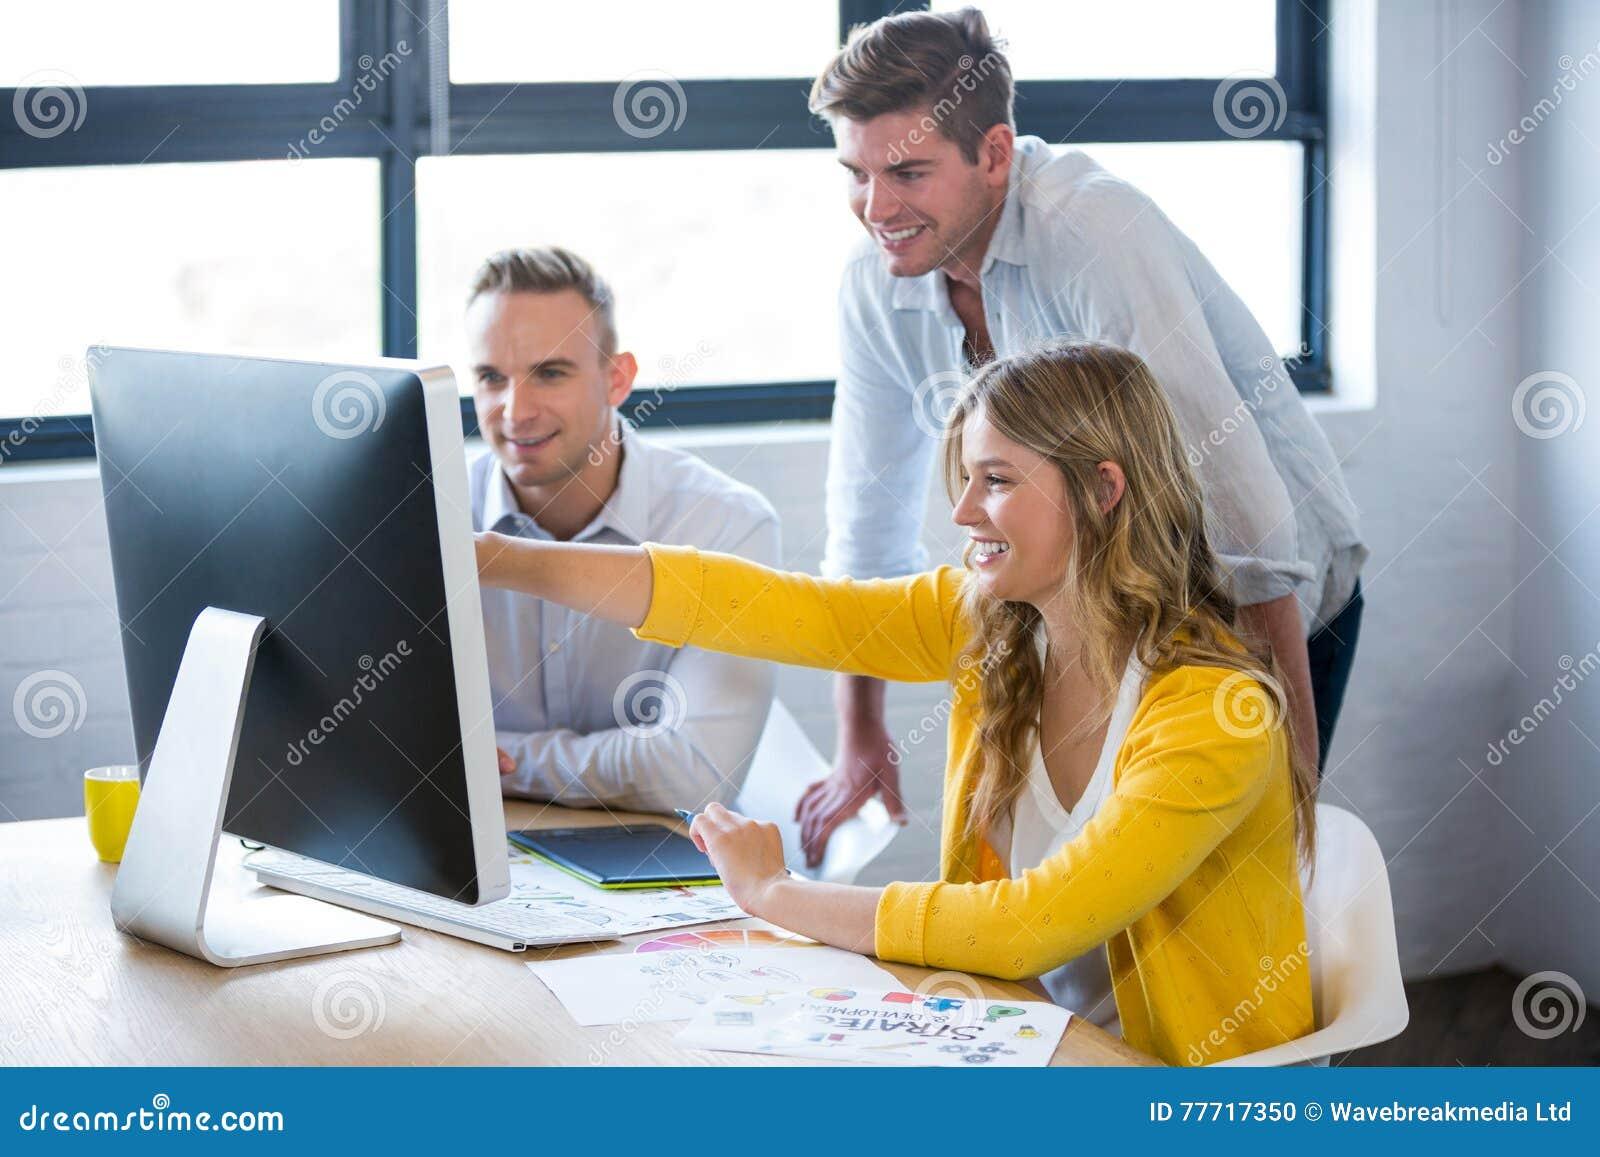 Χαμογελώντας επιχειρηματίες που συζητούν πέρα από τον υπολογιστή